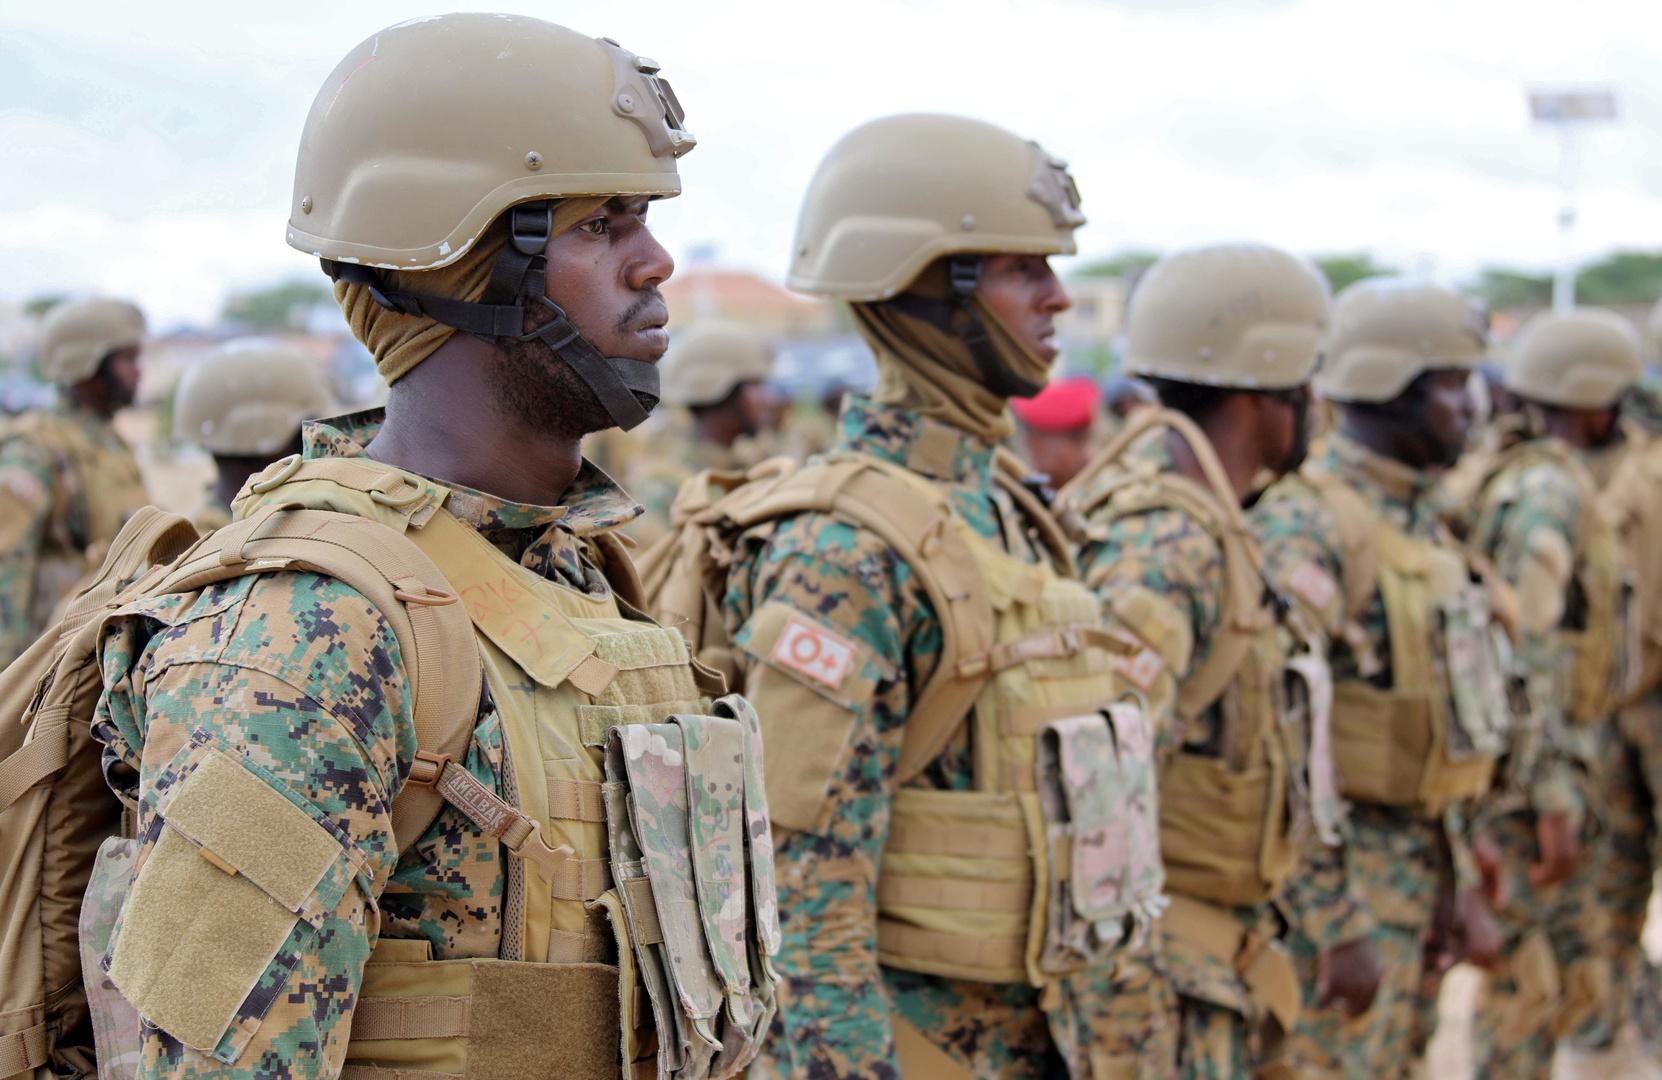 قتلى وجرحى بهجوم استهدف قاعدة عسكرية في العاصمة الصومالية مقديشو